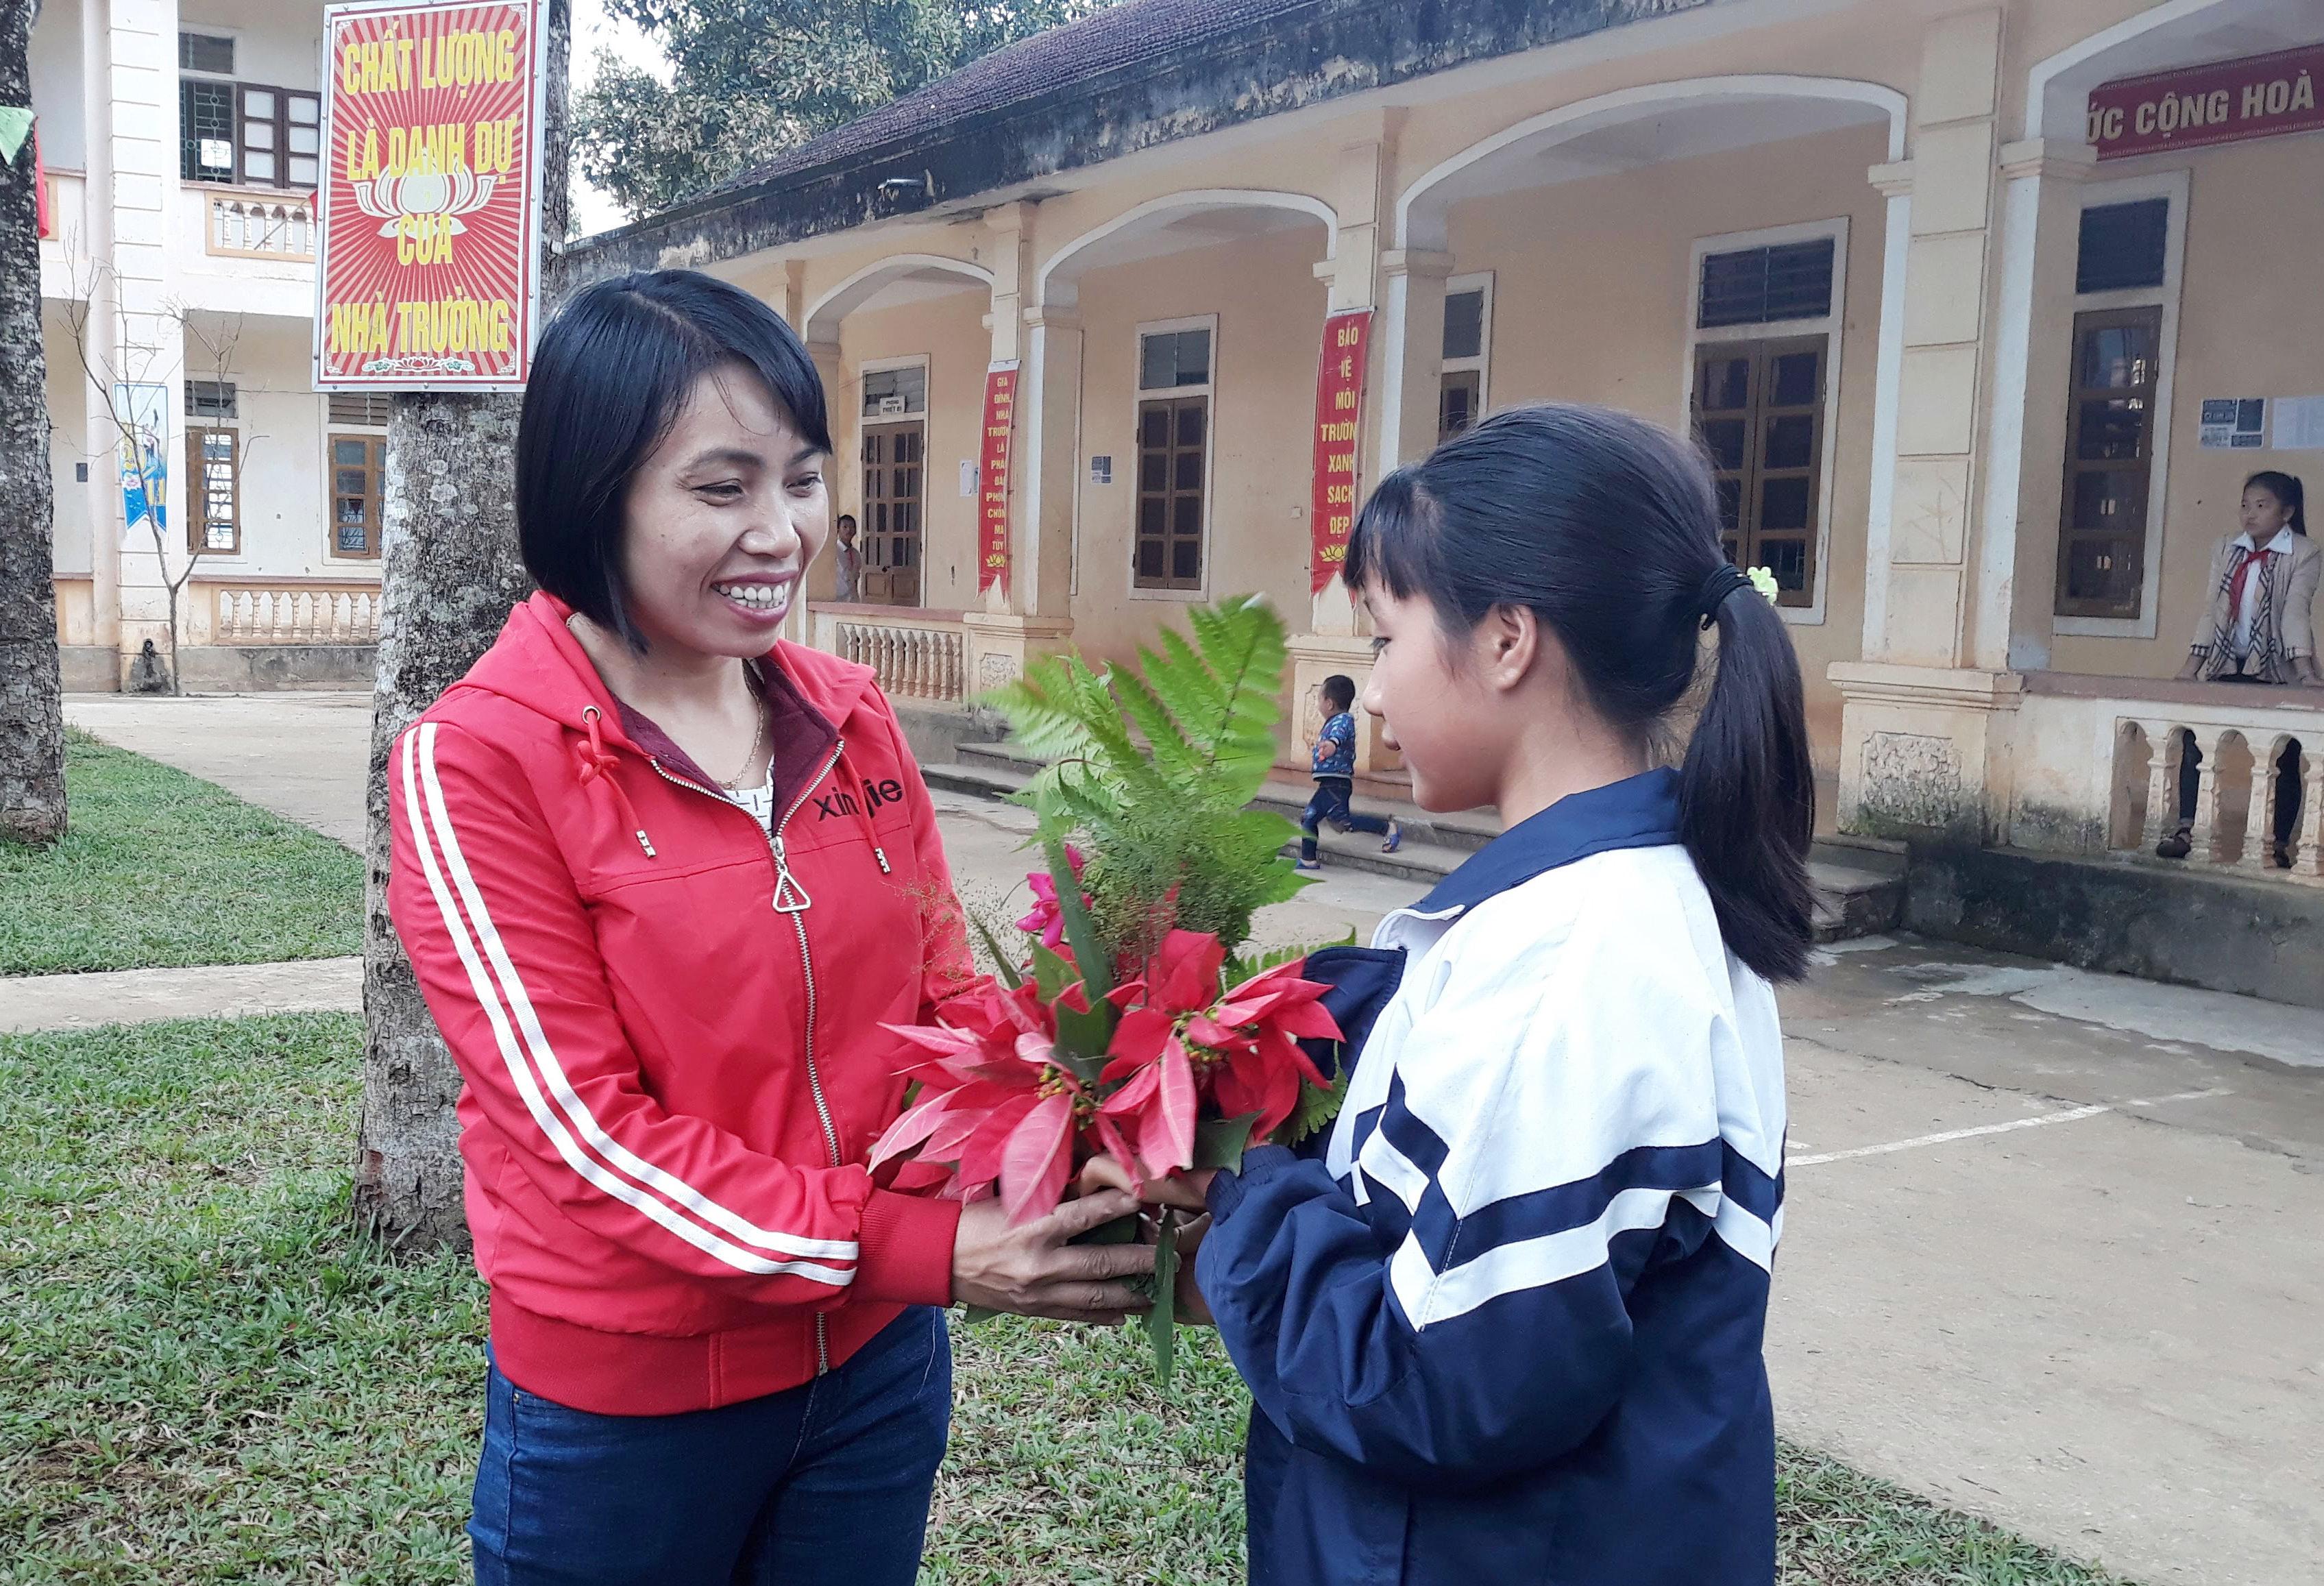 Học sinh Trường PTDTBT TH&THCS Nậm Càn mang hoa rừng đến tặng cô giáo